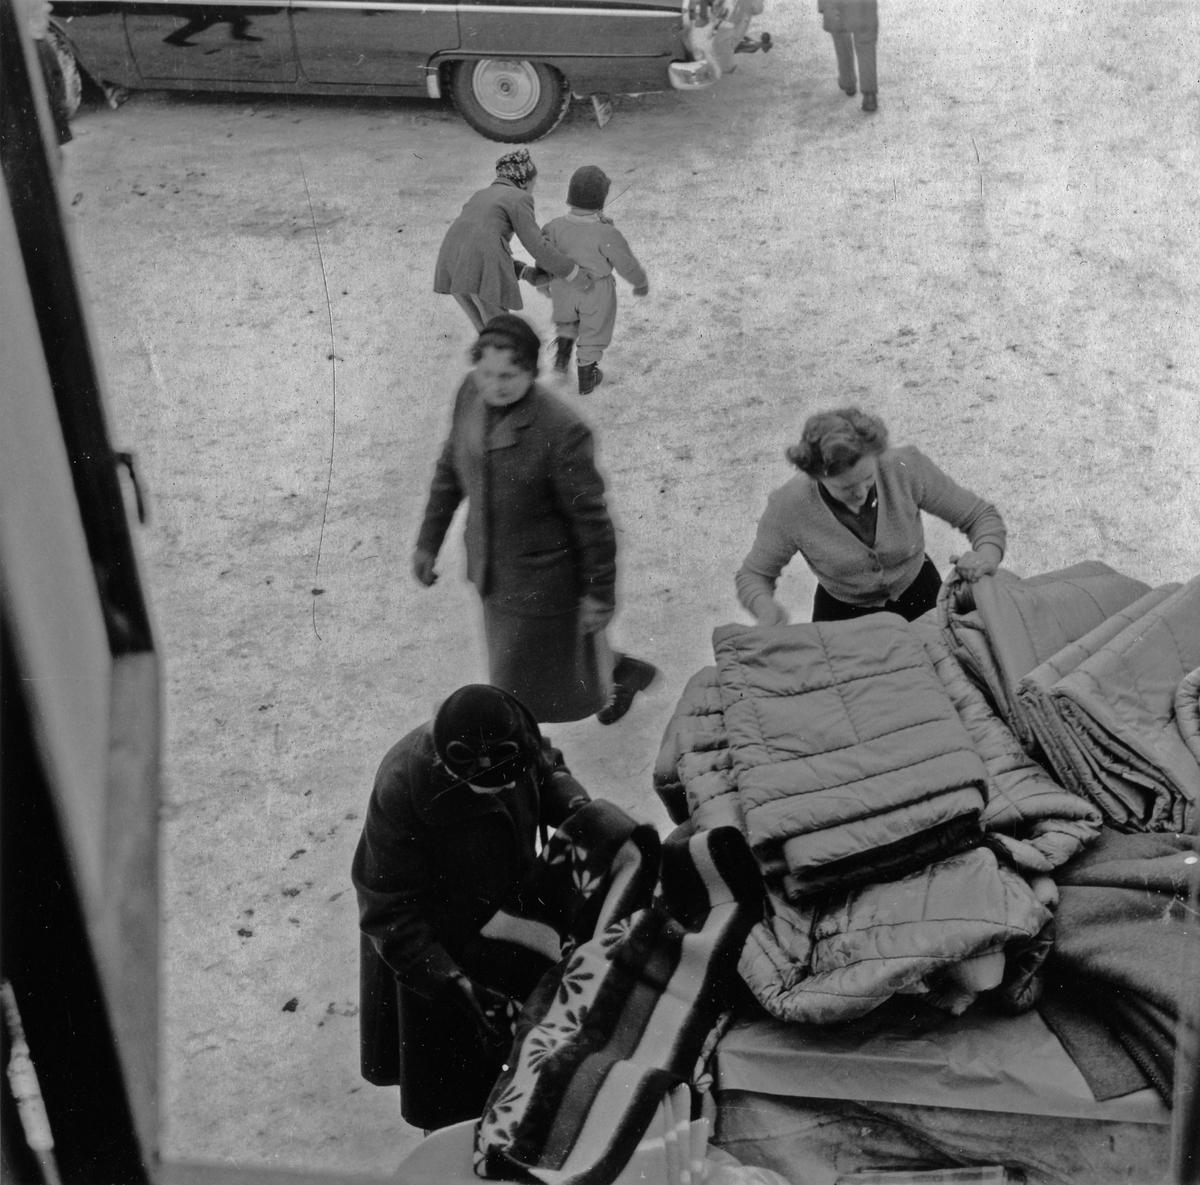 Vy från fönster uppifrån, tittar ned mot ett 3 kvinnor som inspekterar filtar och madrasser på auktion på gården till Tells hus. En bil syns i bakgrunden. Kvarteret Jägaren 11. Kungsgatan 38.